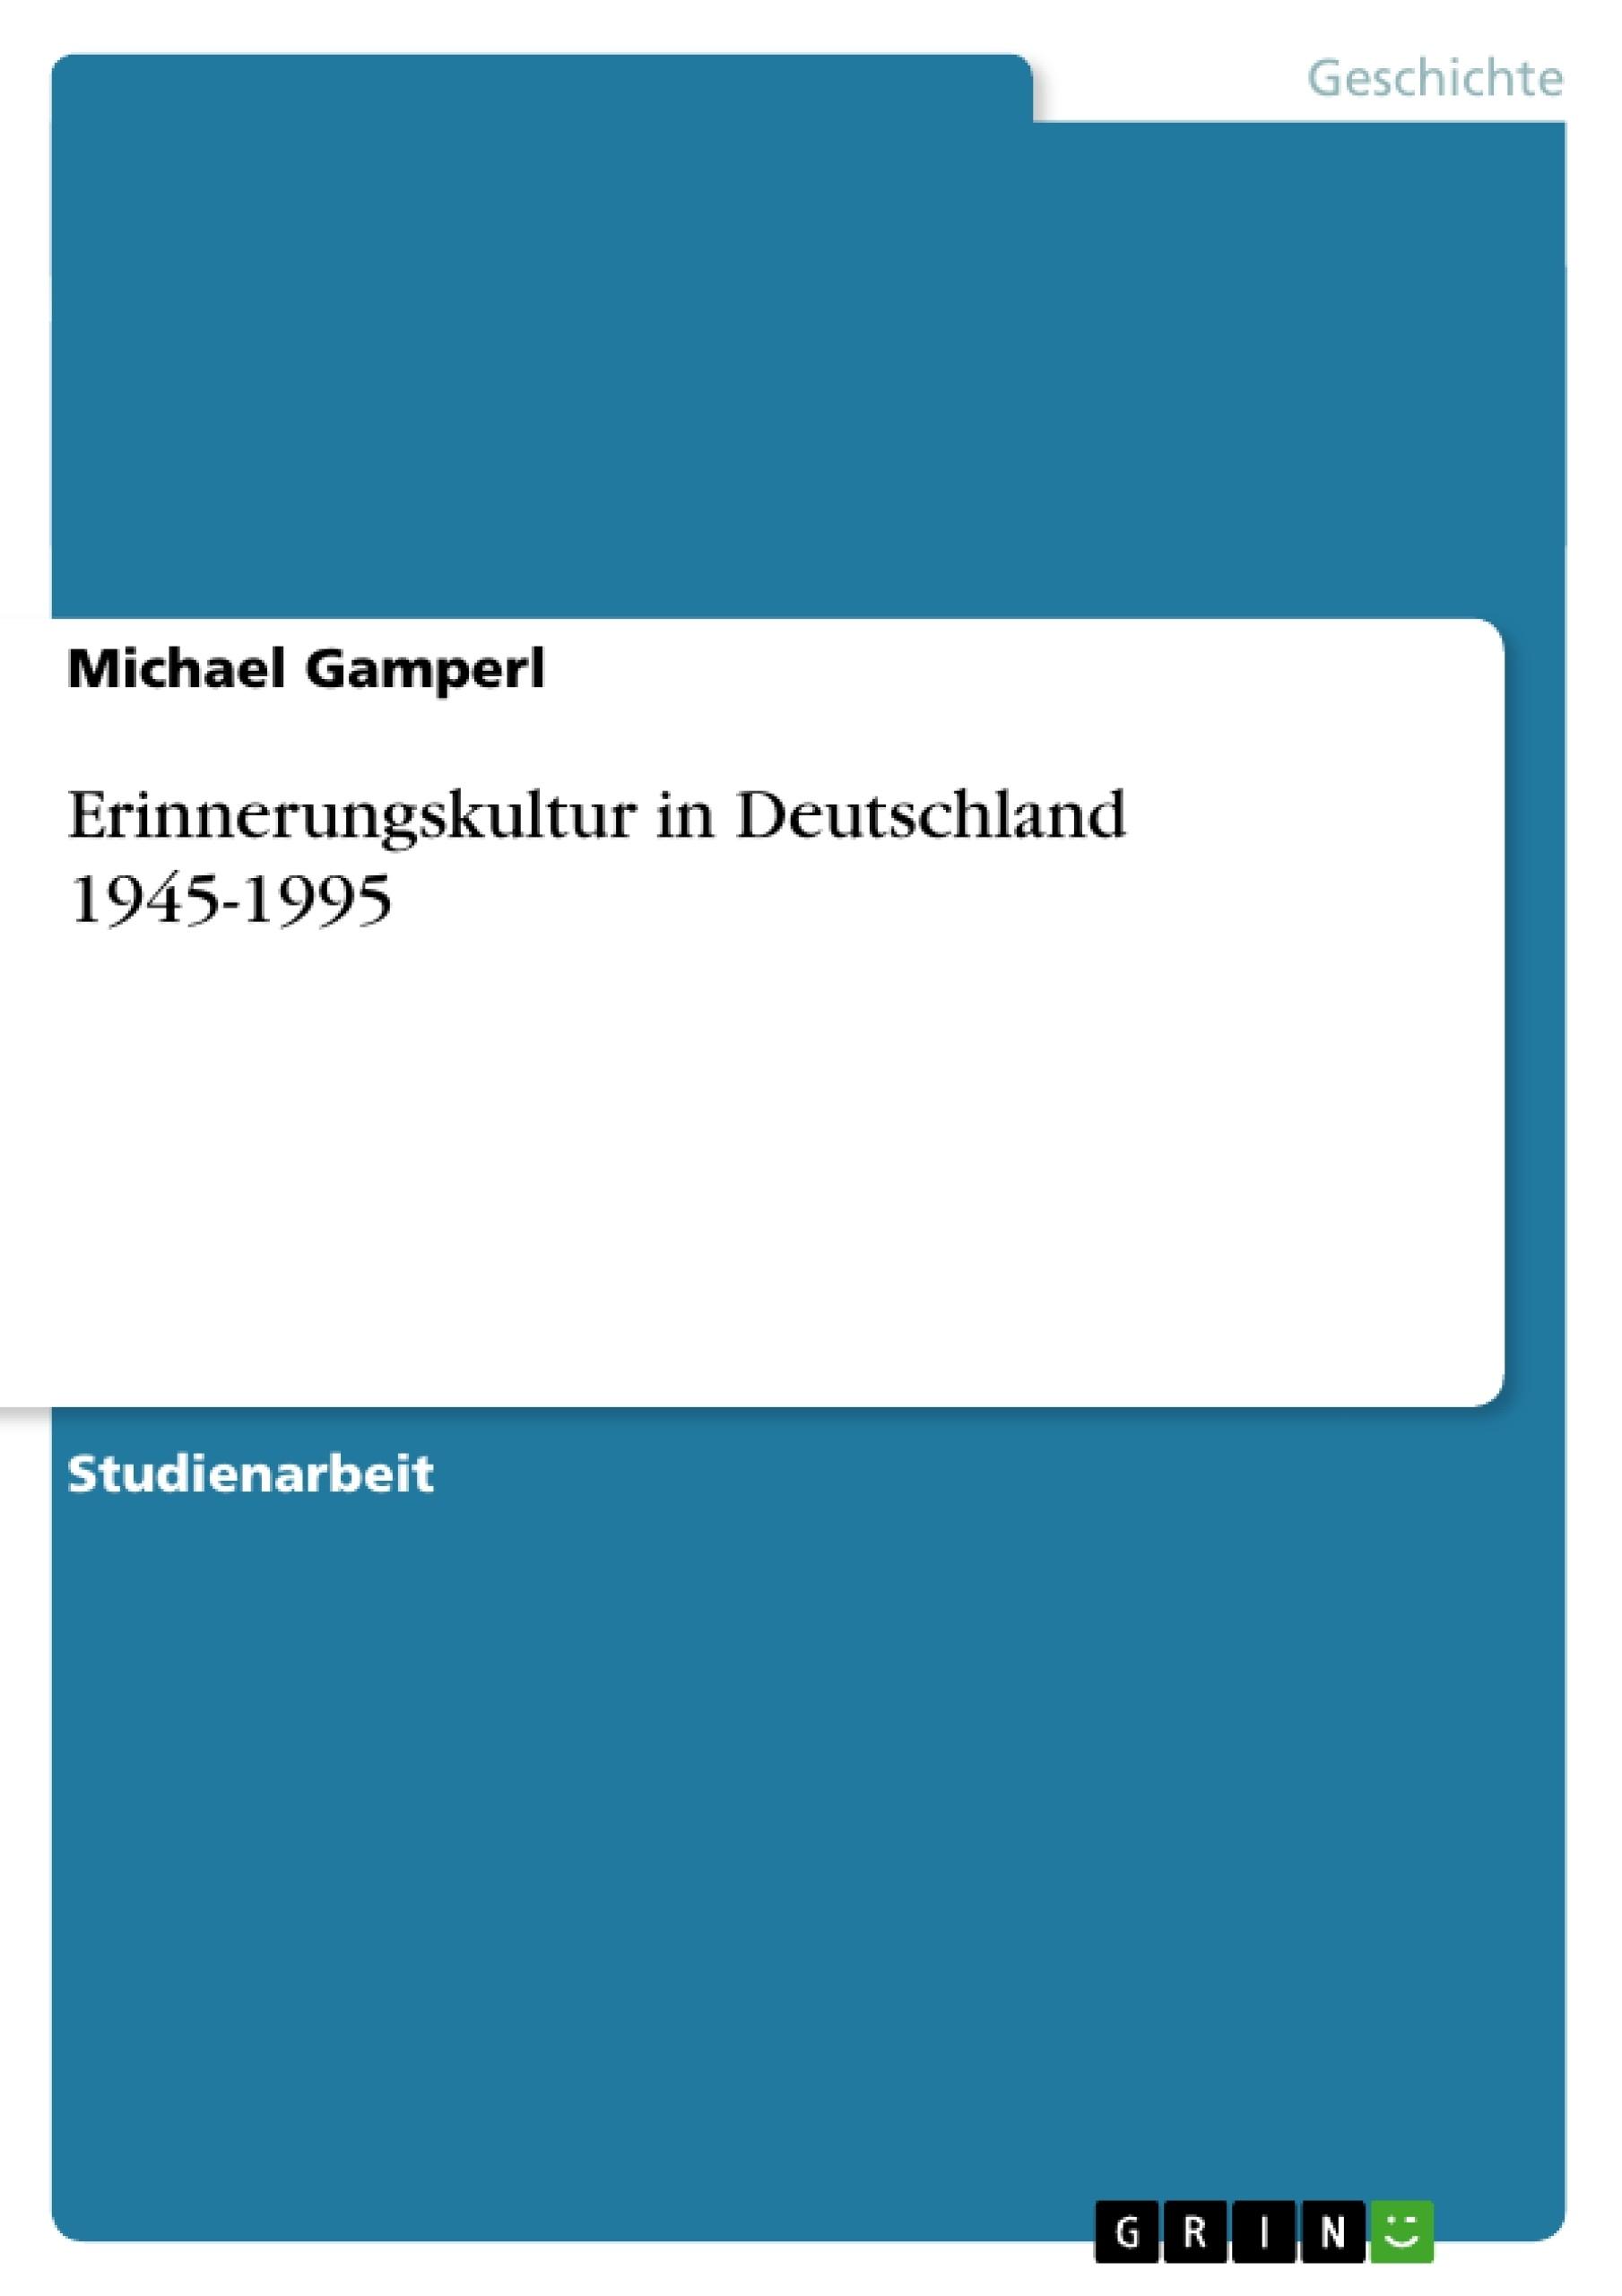 Titel: Erinnerungskultur in Deutschland 1945-1995